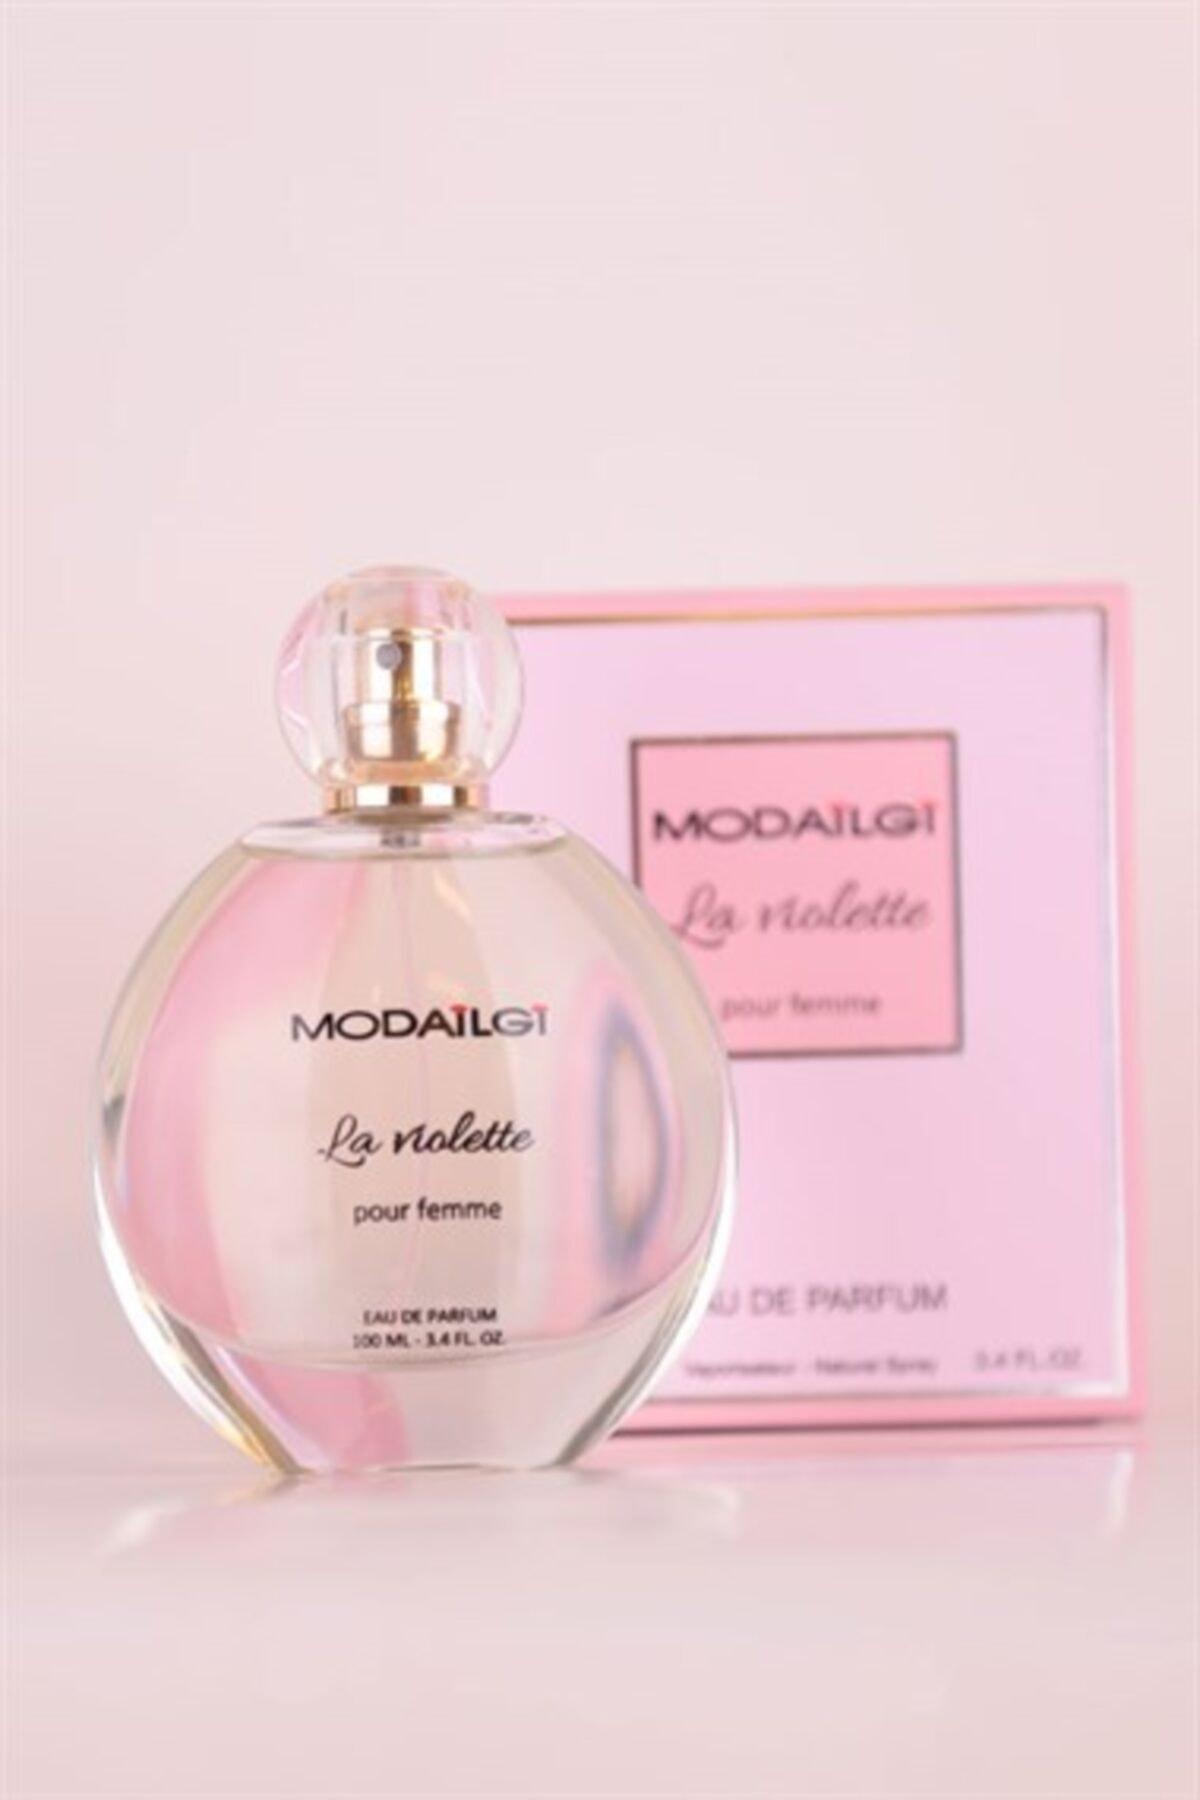 Moda İlgi La Violette Edt 100 ml Kadın Parfüm 1